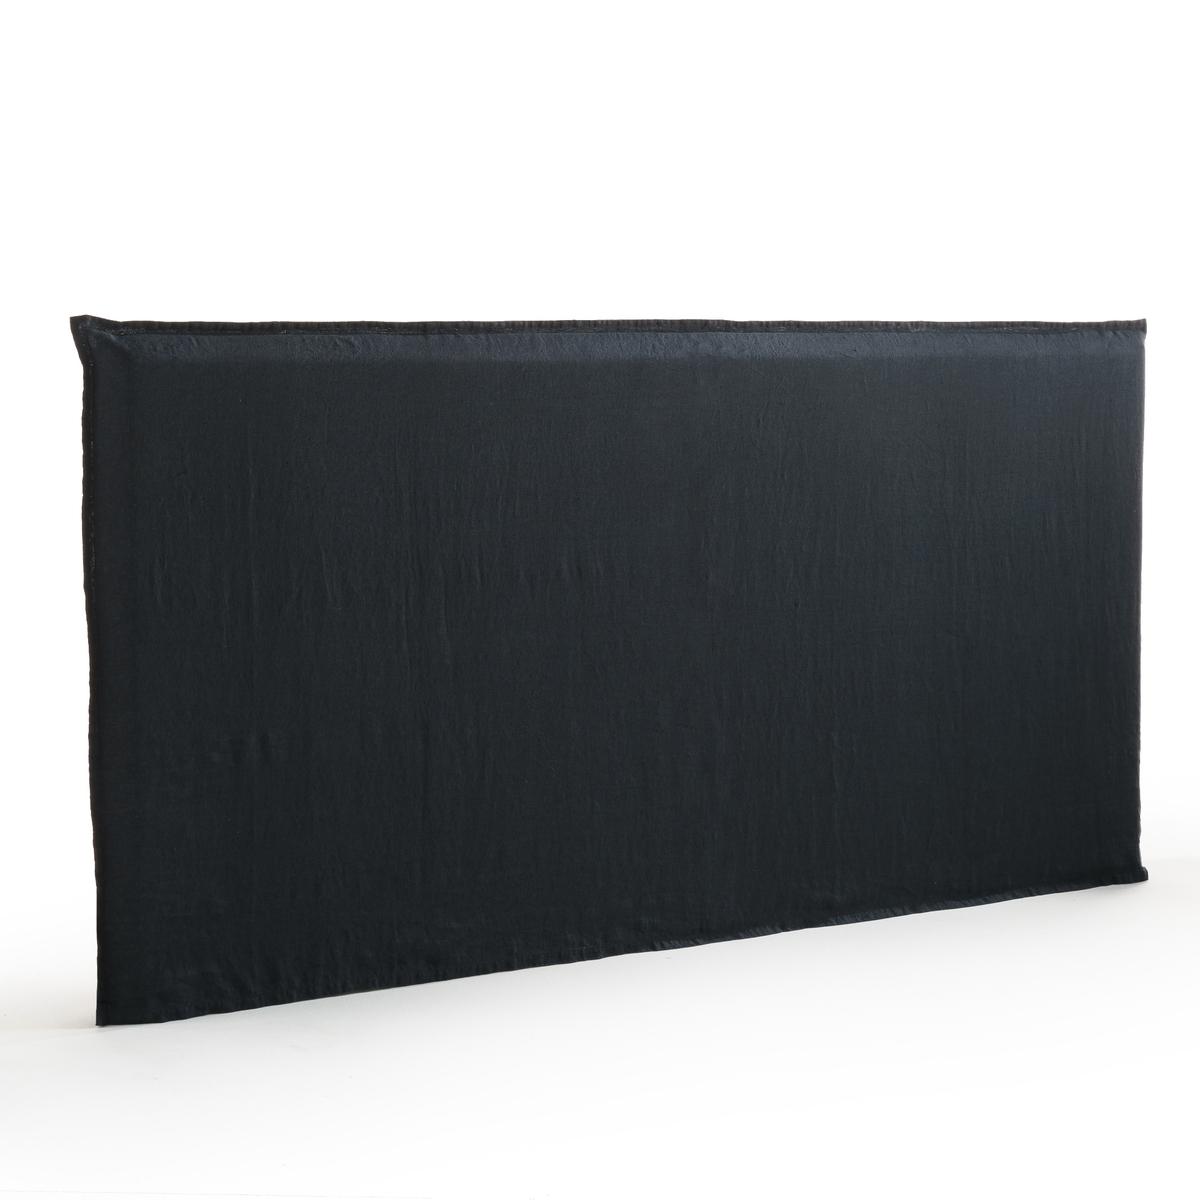 Чехол из стиранного льна для изголовья кровати XL, Sandor от La Redoute